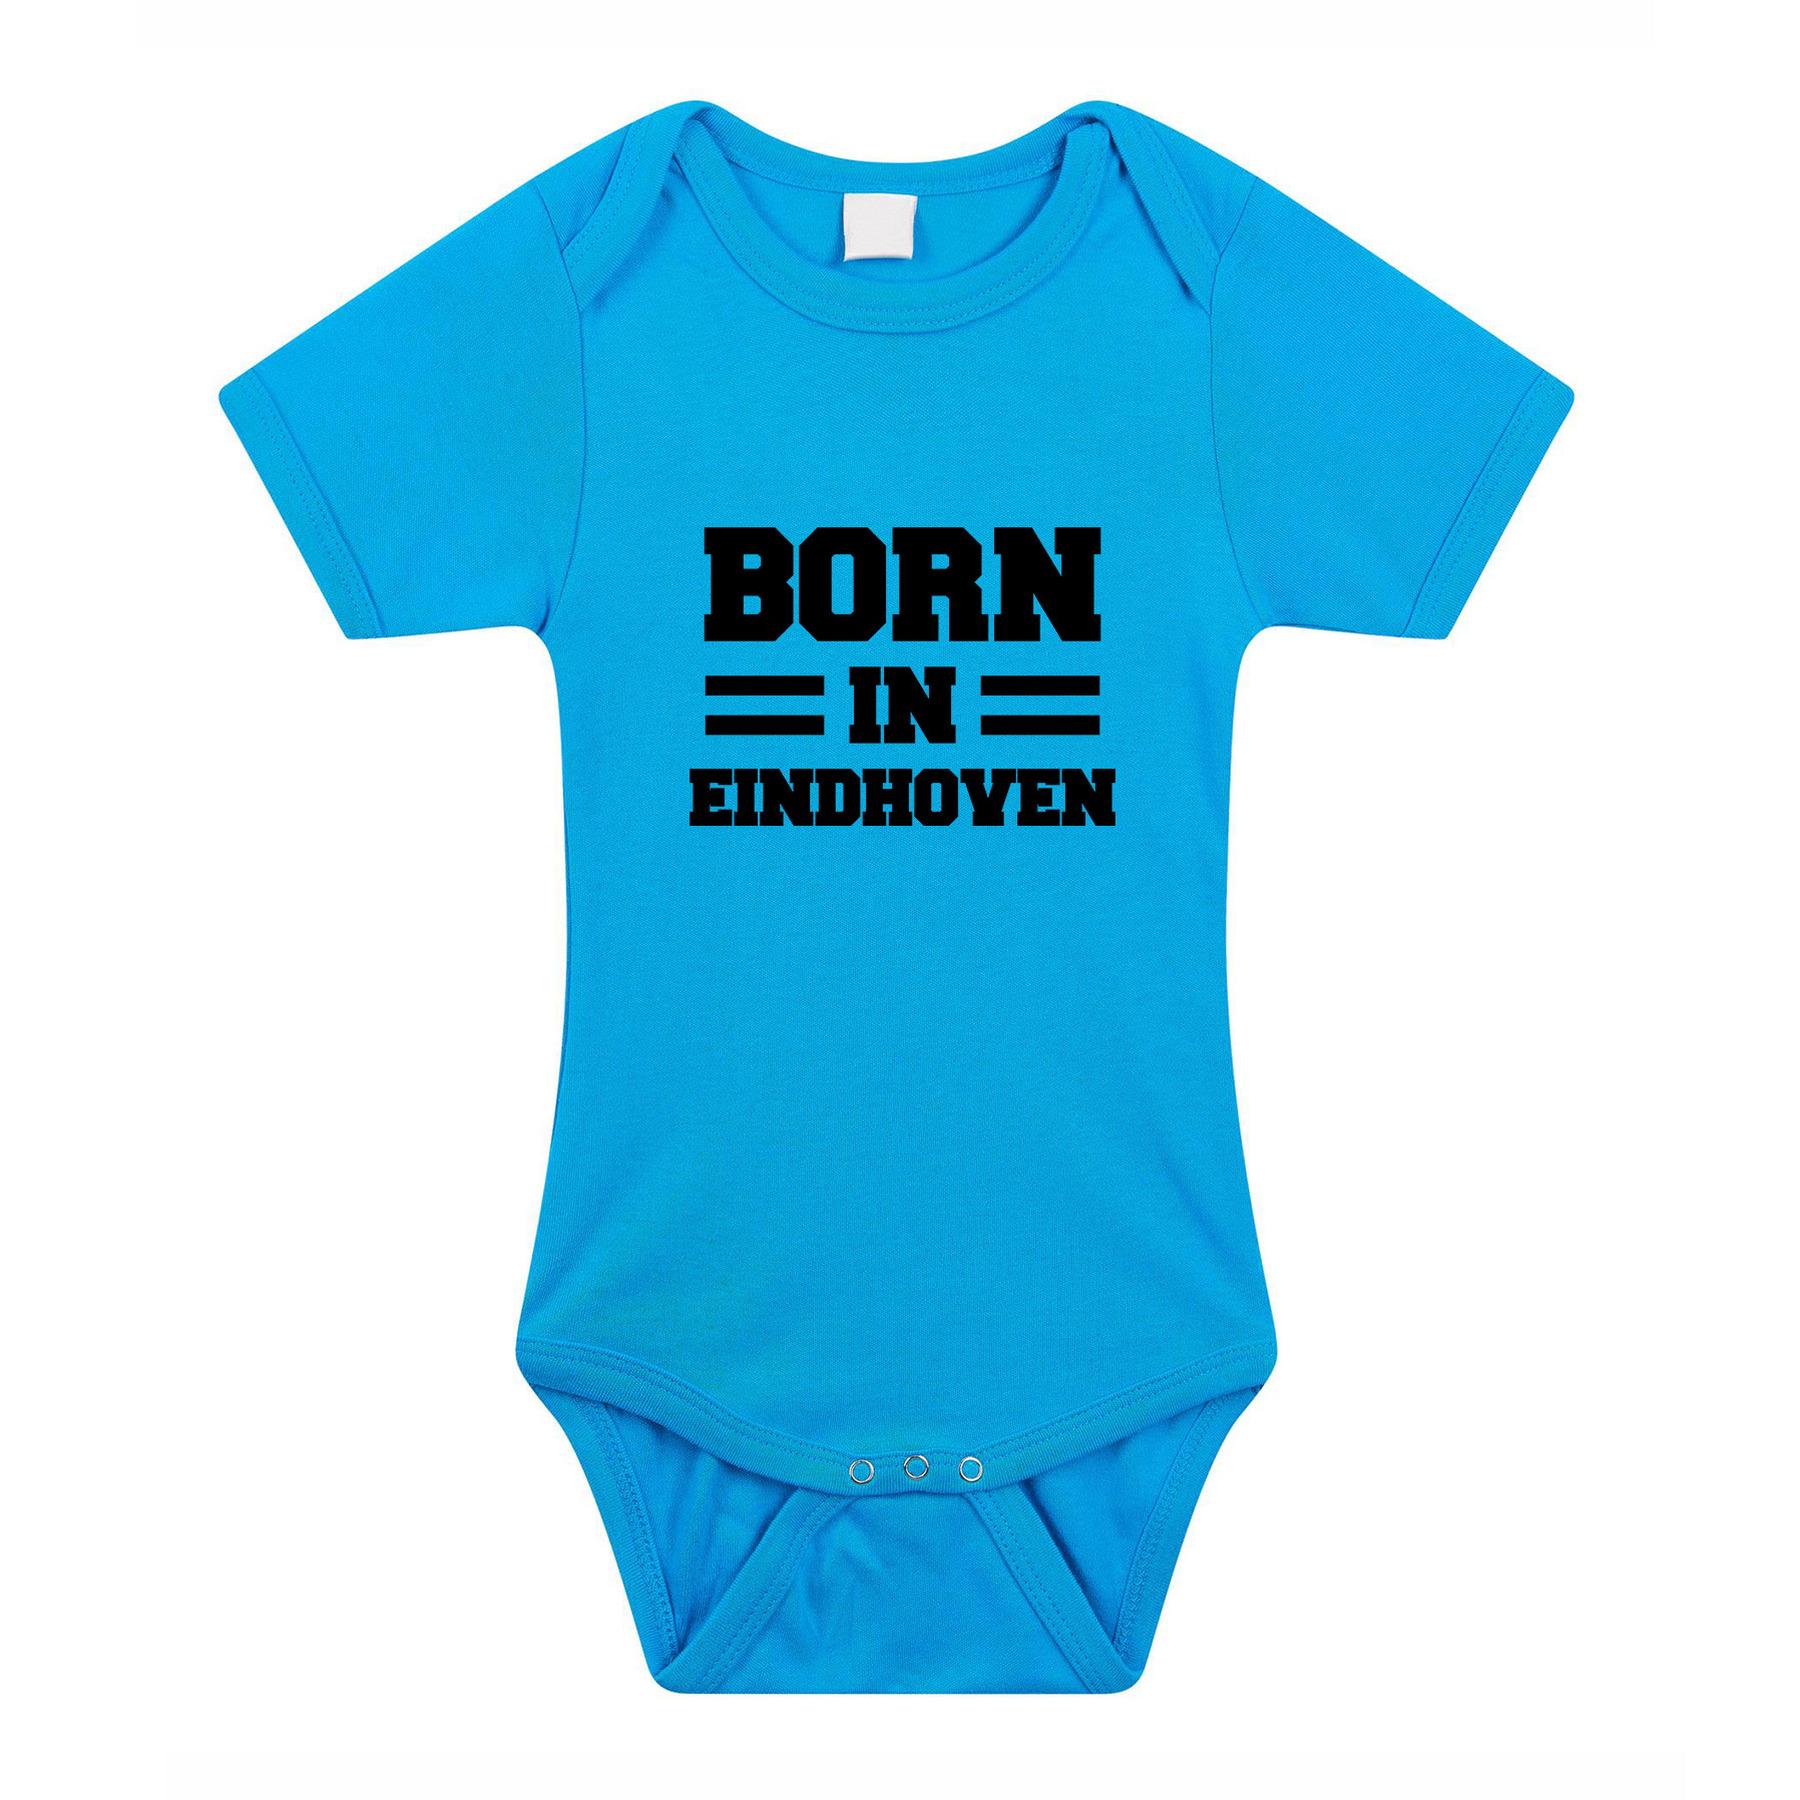 Born in Eindhoven cadeau baby rompertje blauw jongens